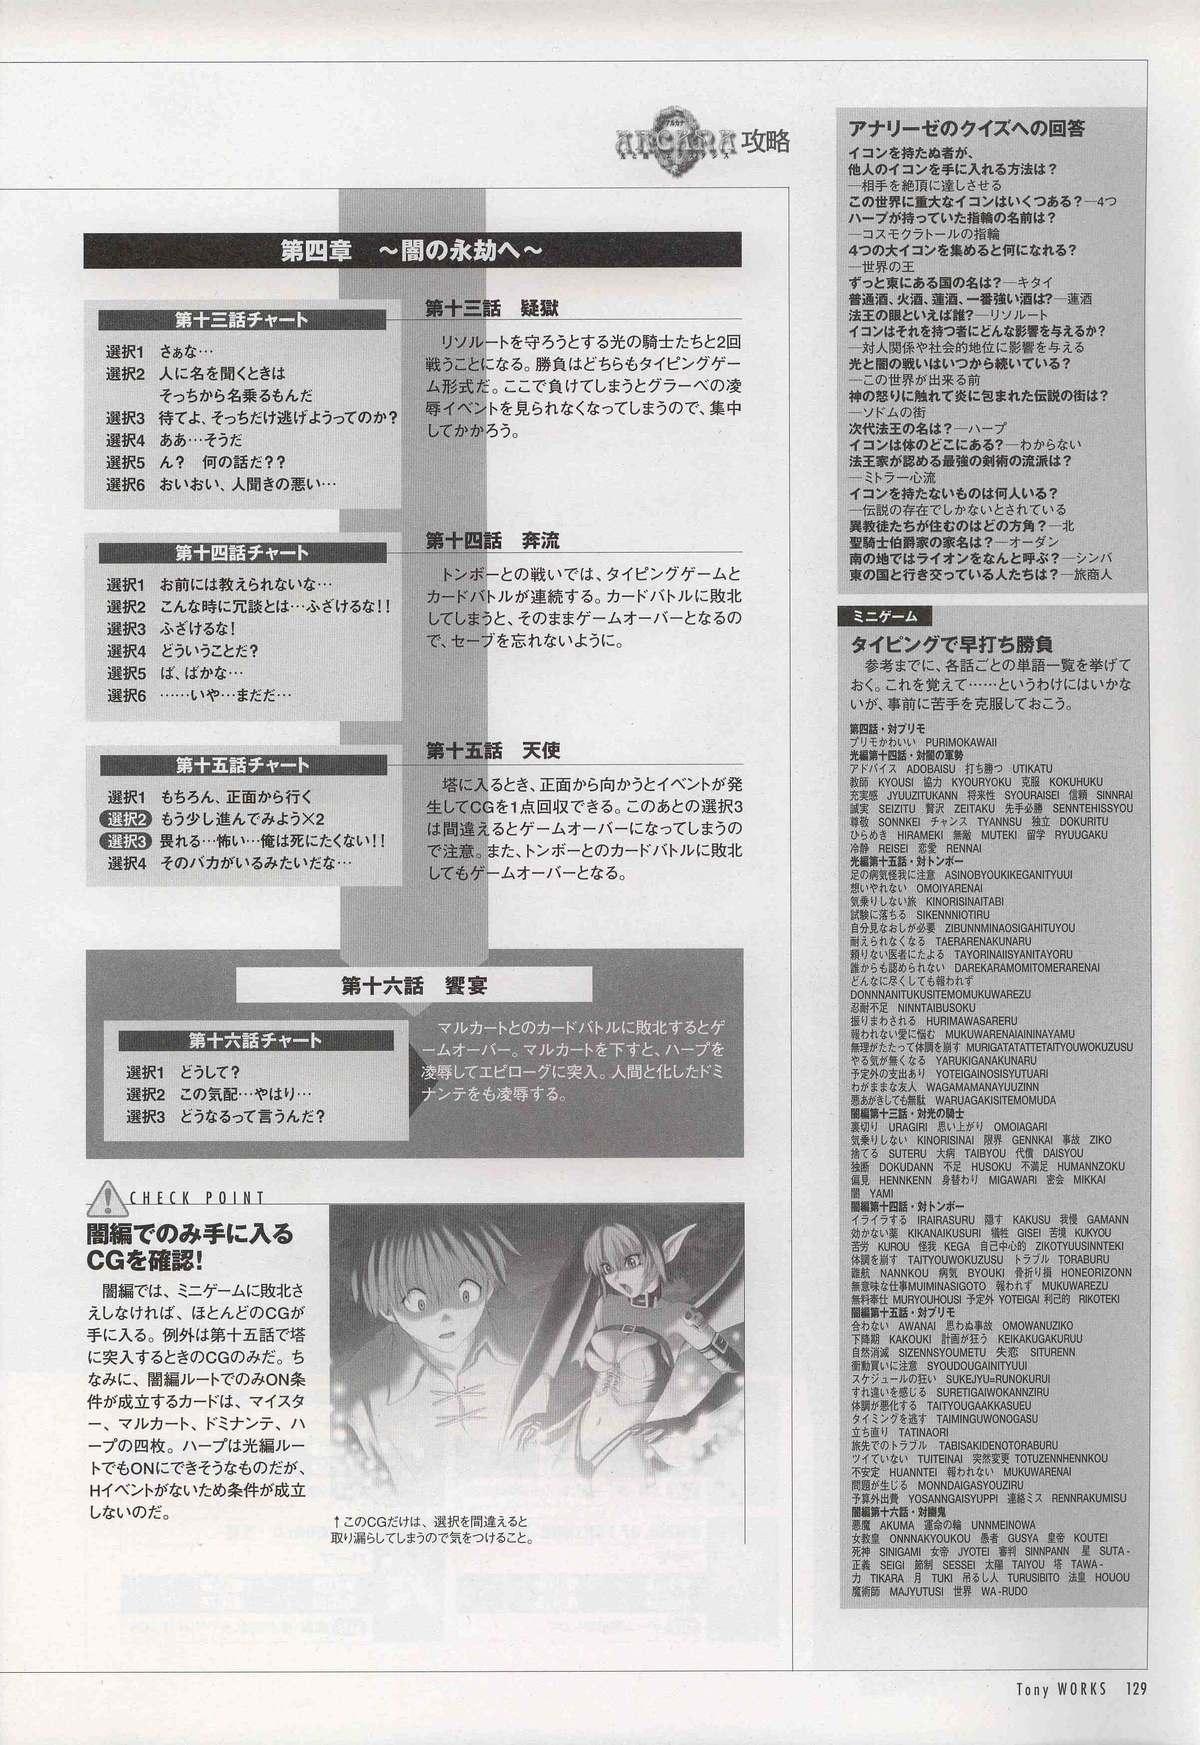 御魂~忍~×ARCANA~光と闇のエクスタシス~二作品原画 133